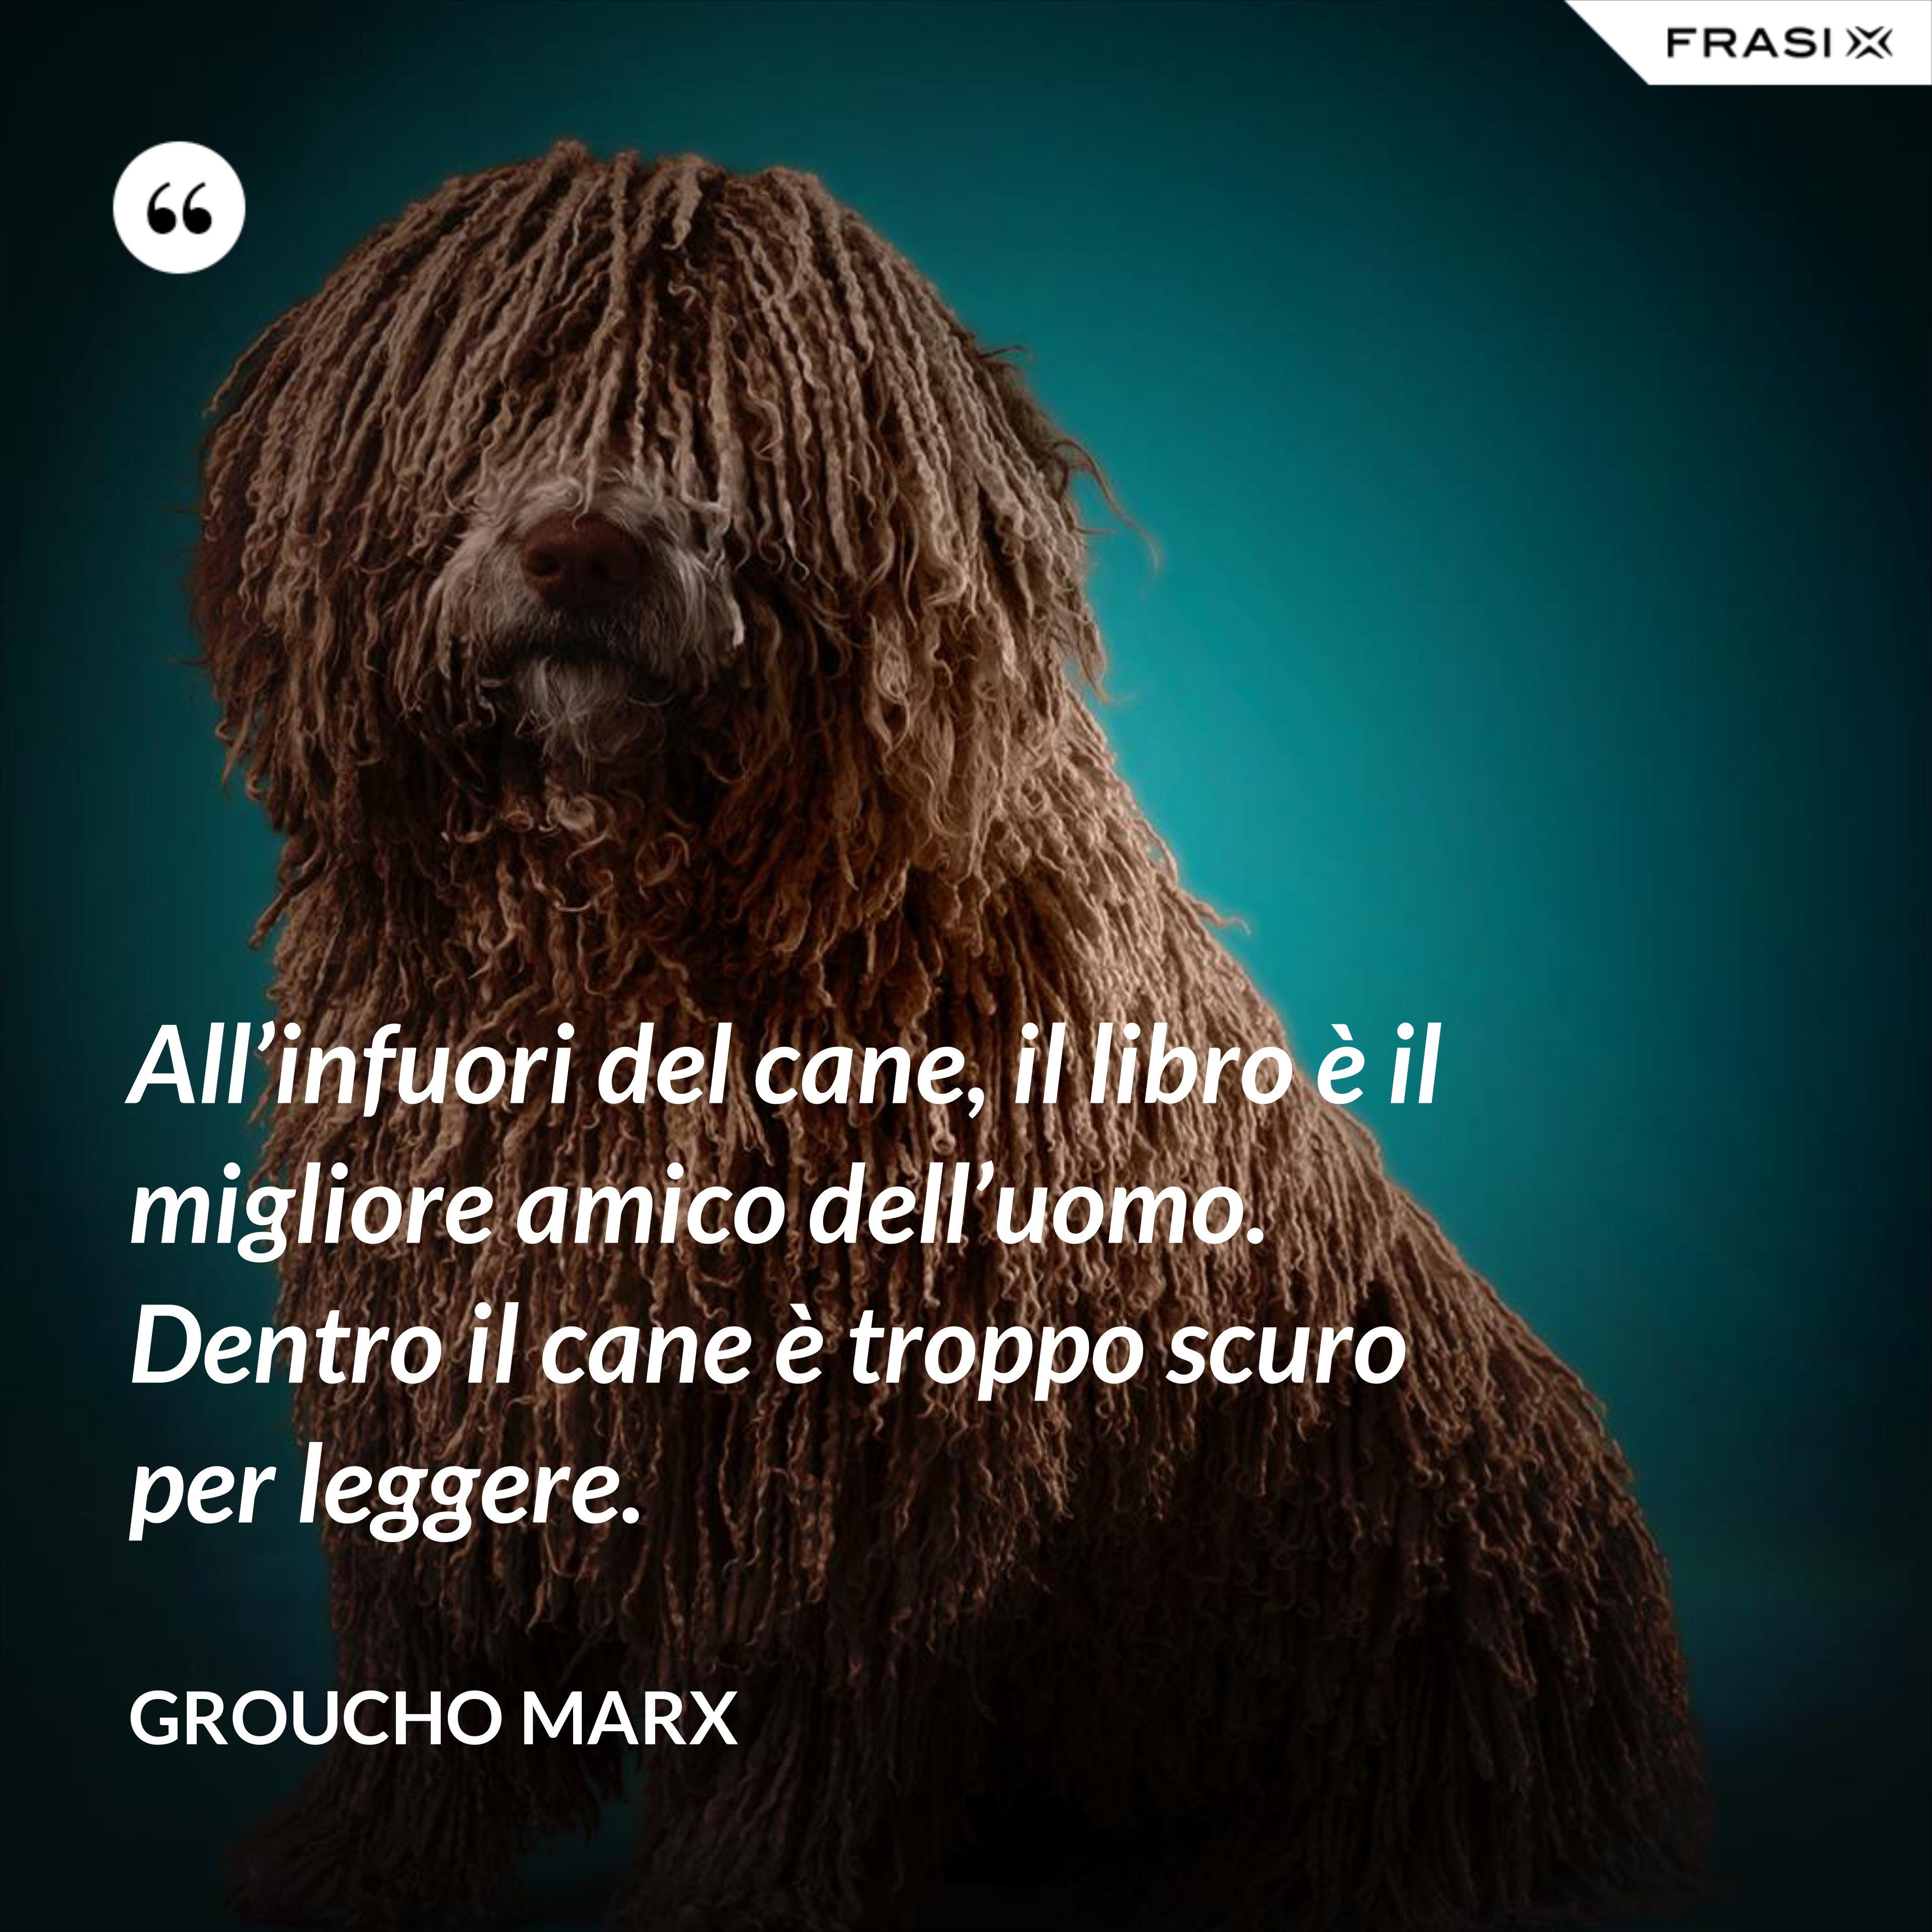 All'infuori del cane, il libro è il migliore amico dell'uomo. Dentro il cane è troppo scuro per leggere. - Groucho Marx